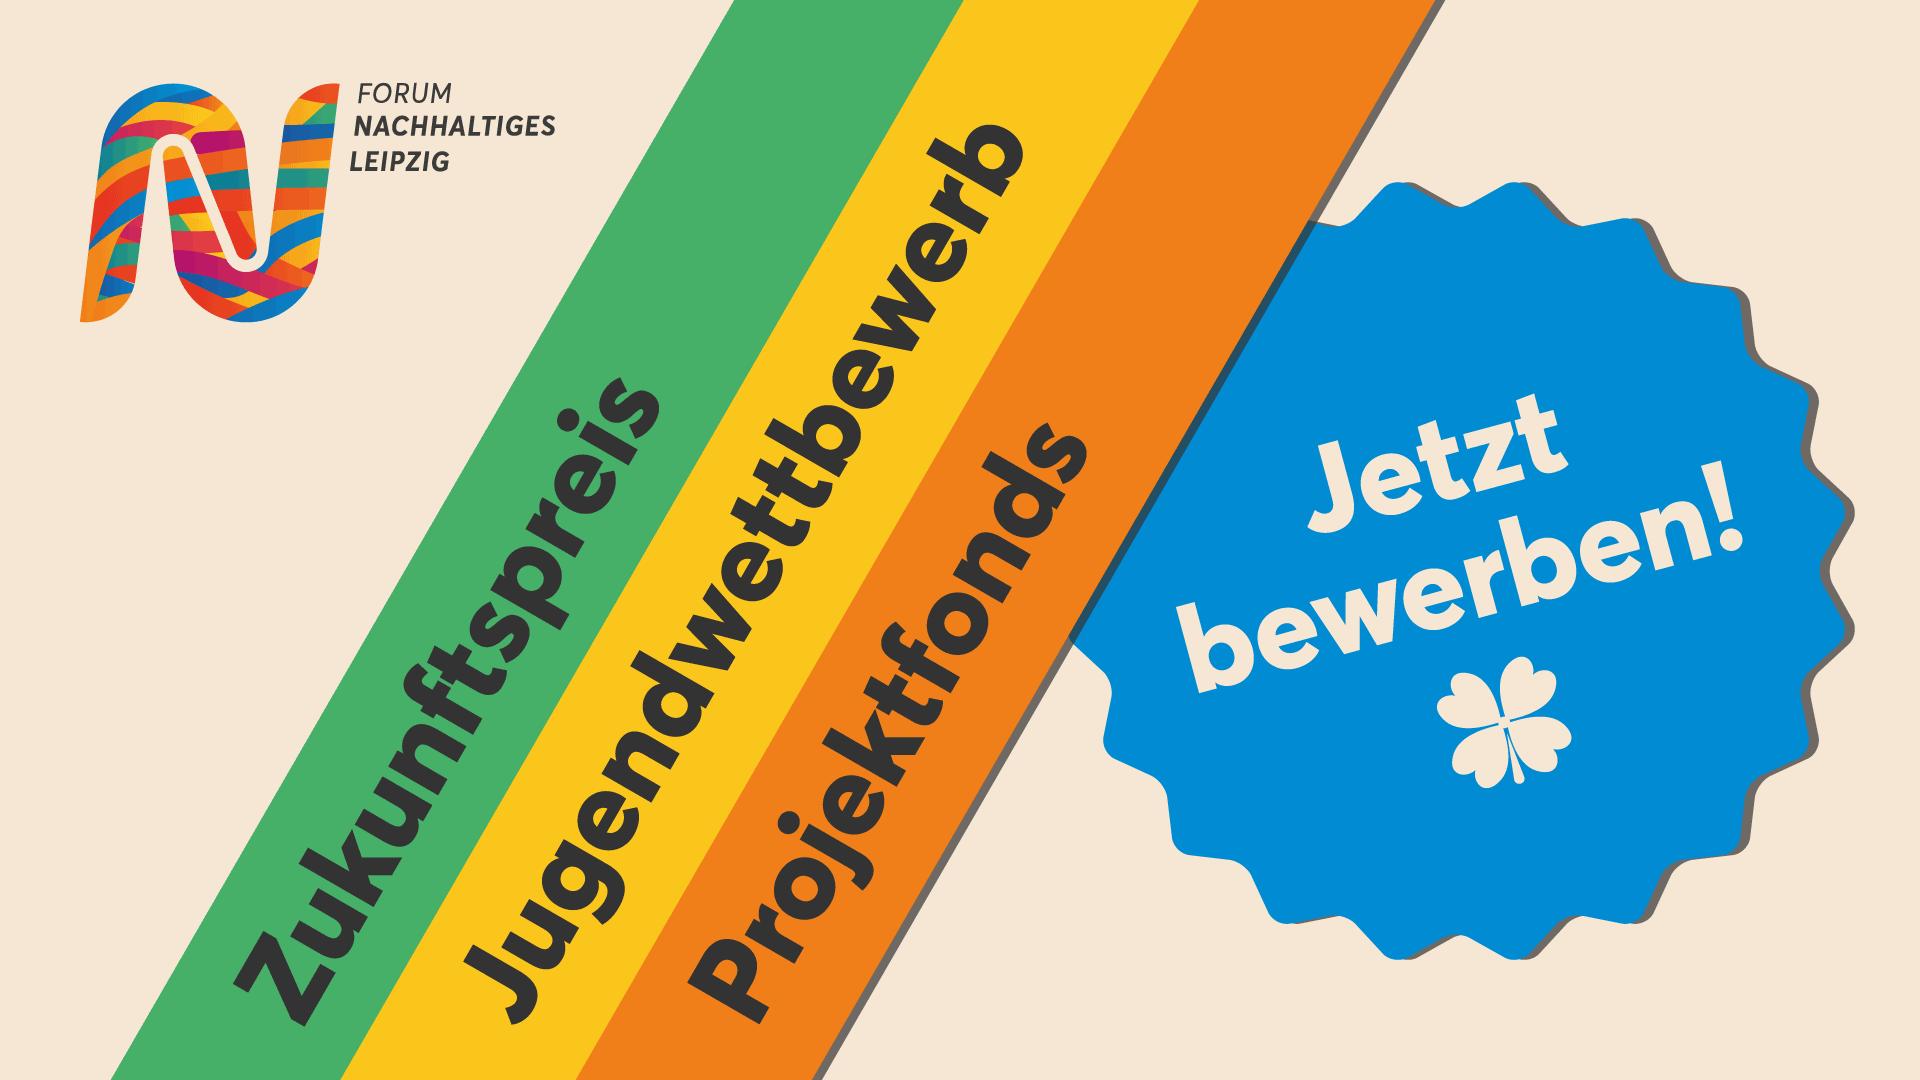 Jetzt bewerben für den Leipziger Zukunftspreis, Jugendwettbewerb &Projektfonds!